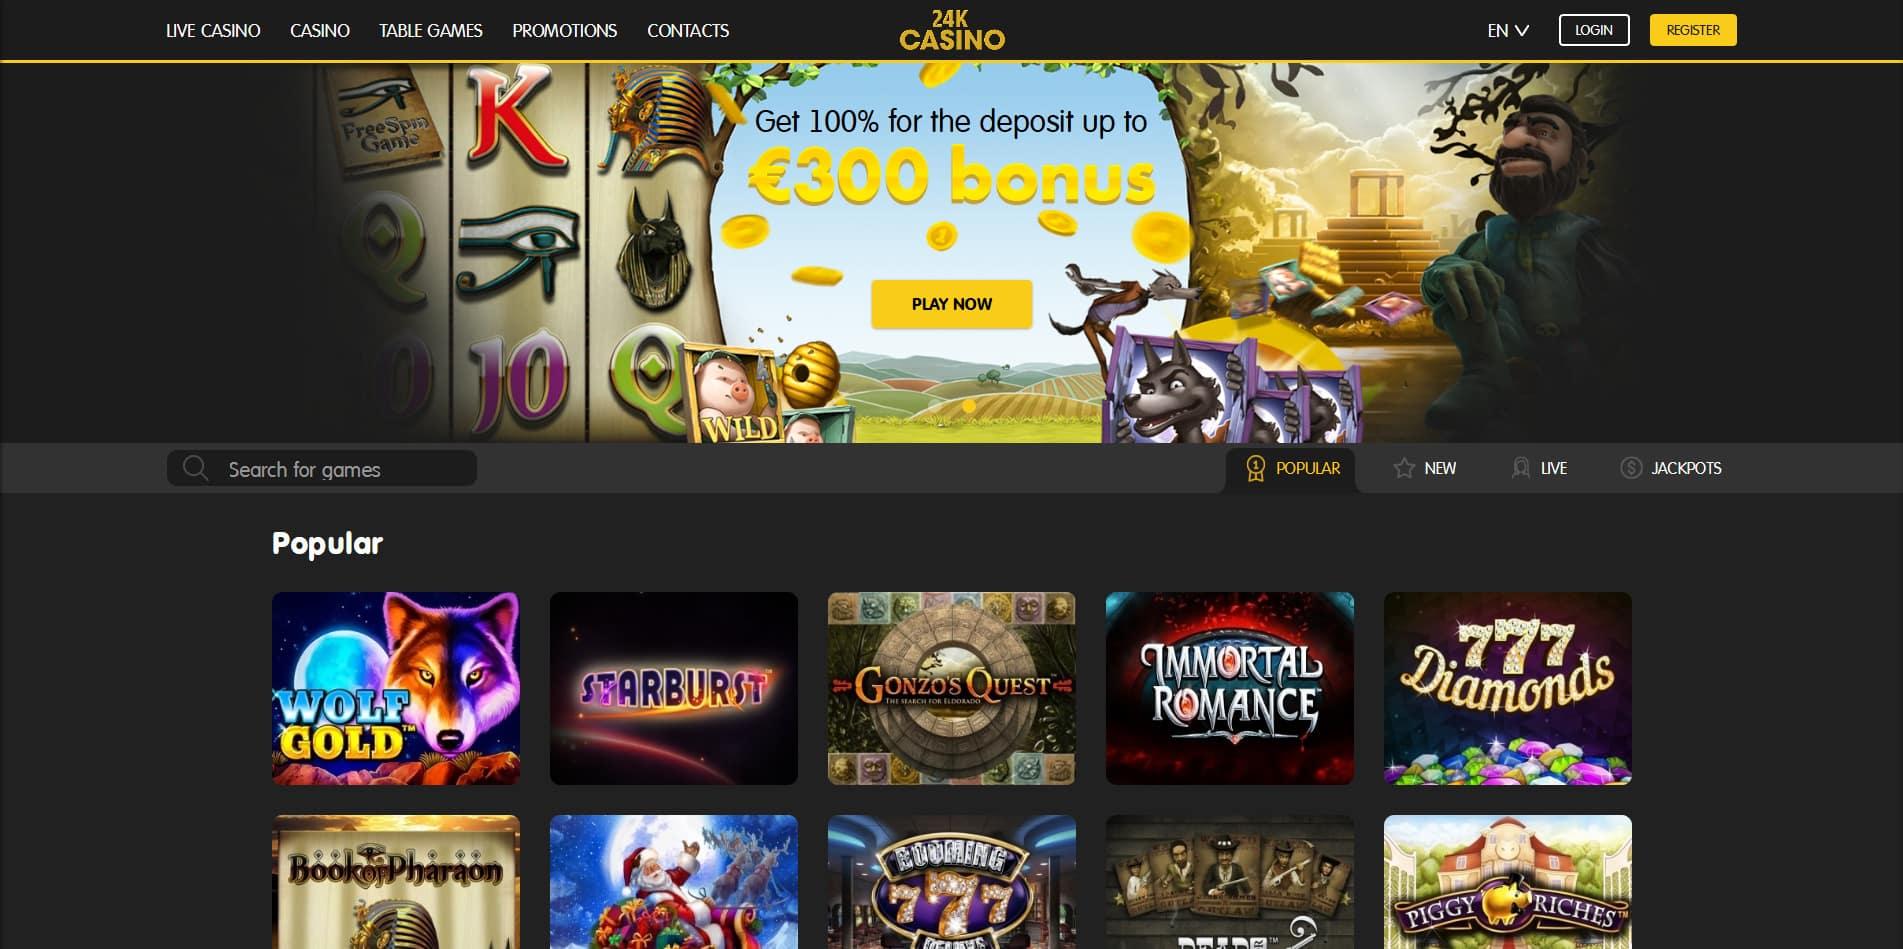 Casino online no deposit free spins